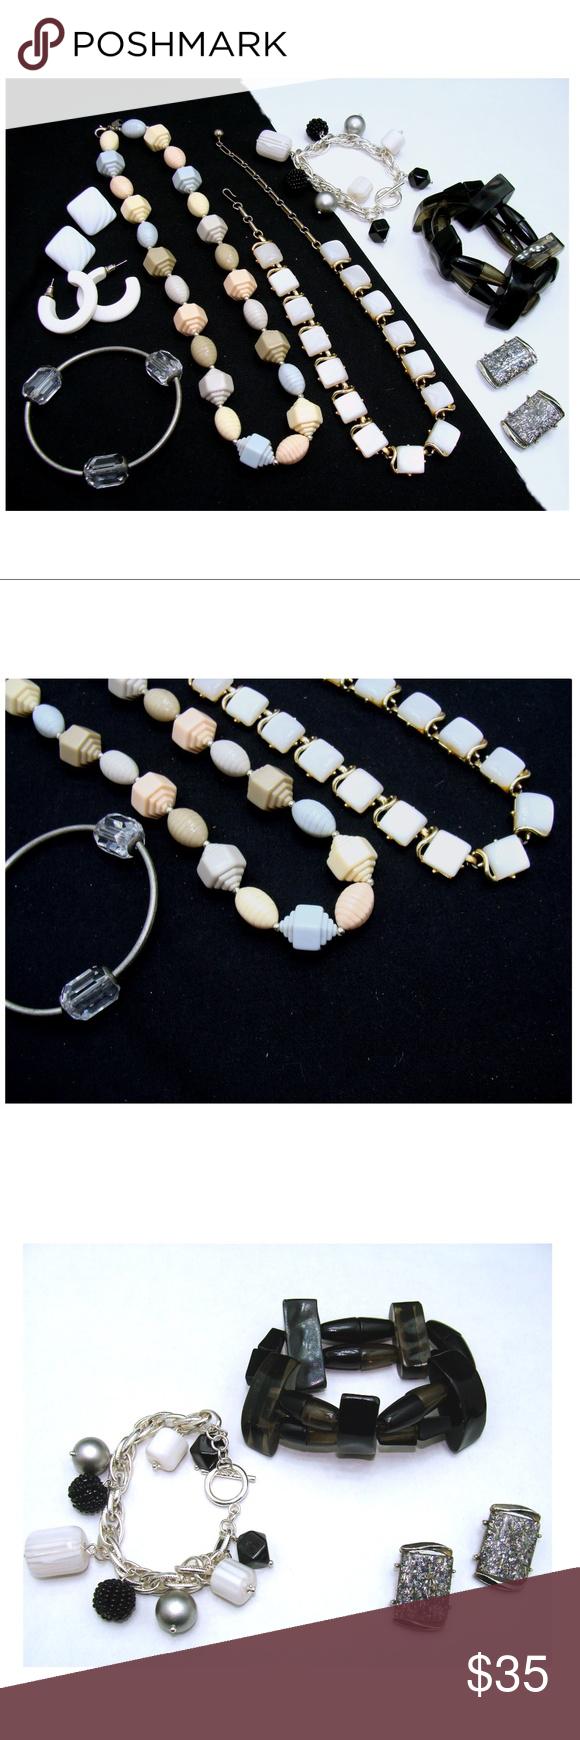 Vintage lot-futuristic lucite necklace bracelet